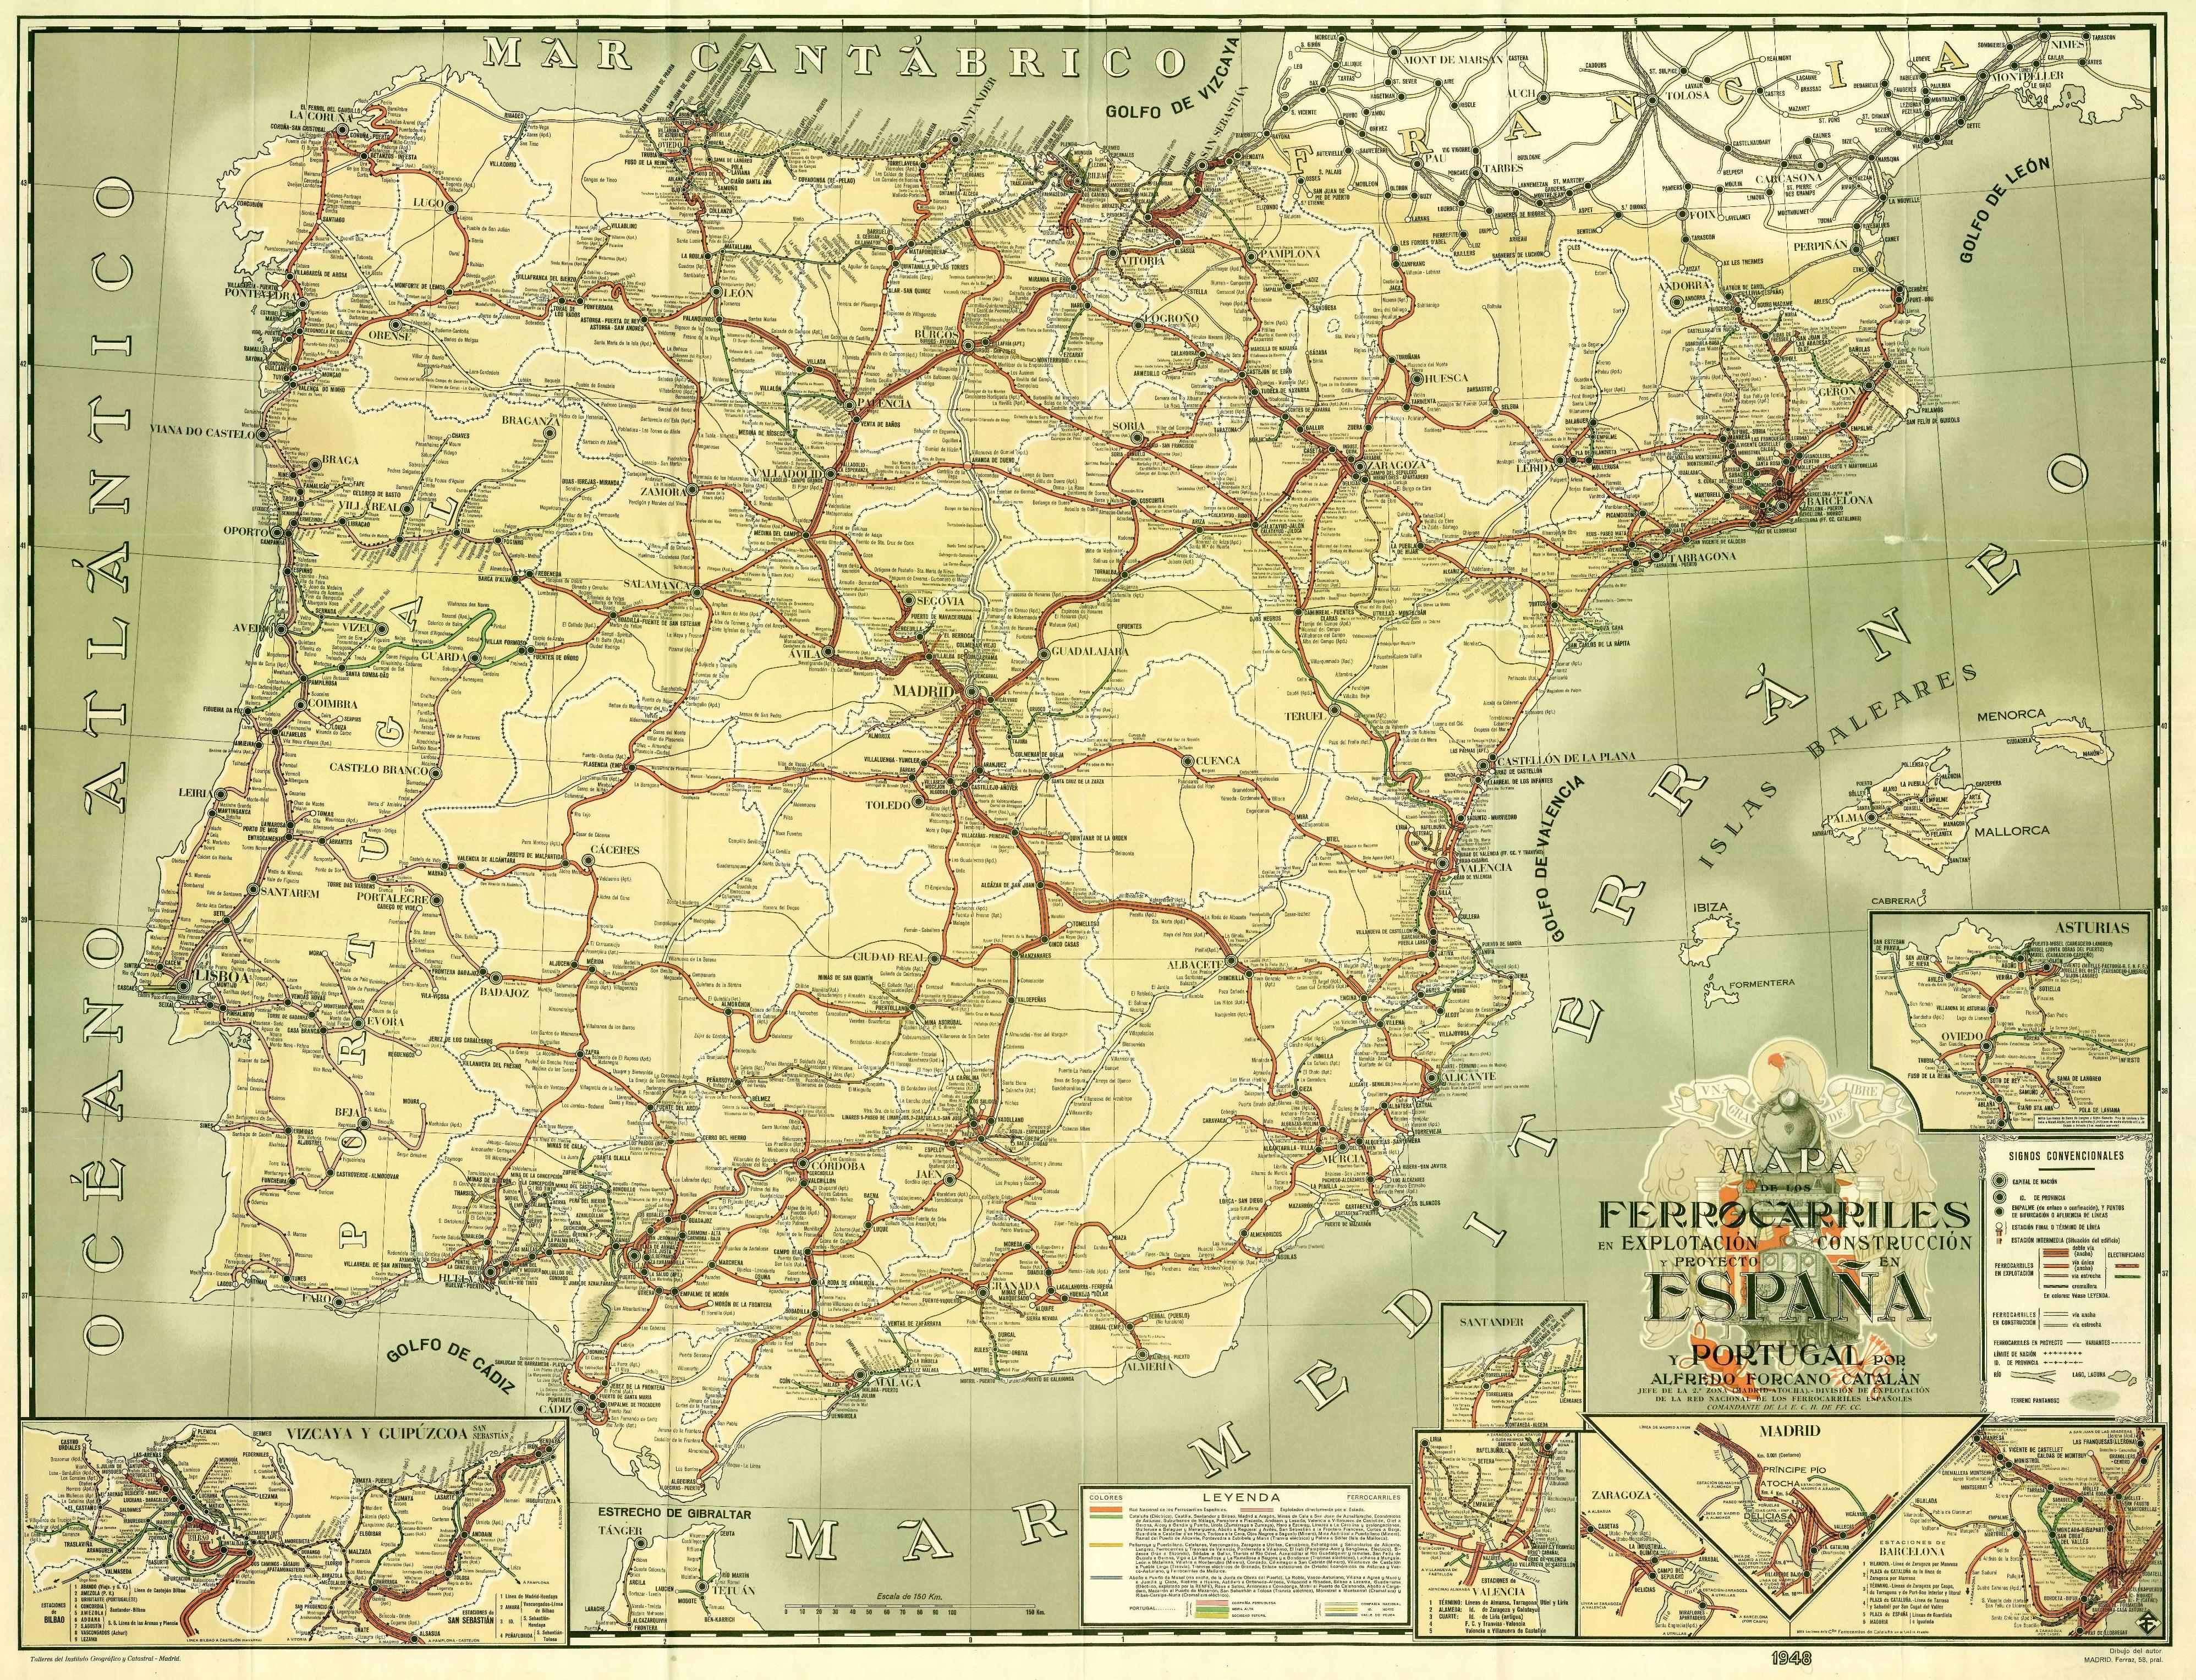 El Ferrocarril a Catalunya Ingenieria-en-la-red-mapa-forcano-1948